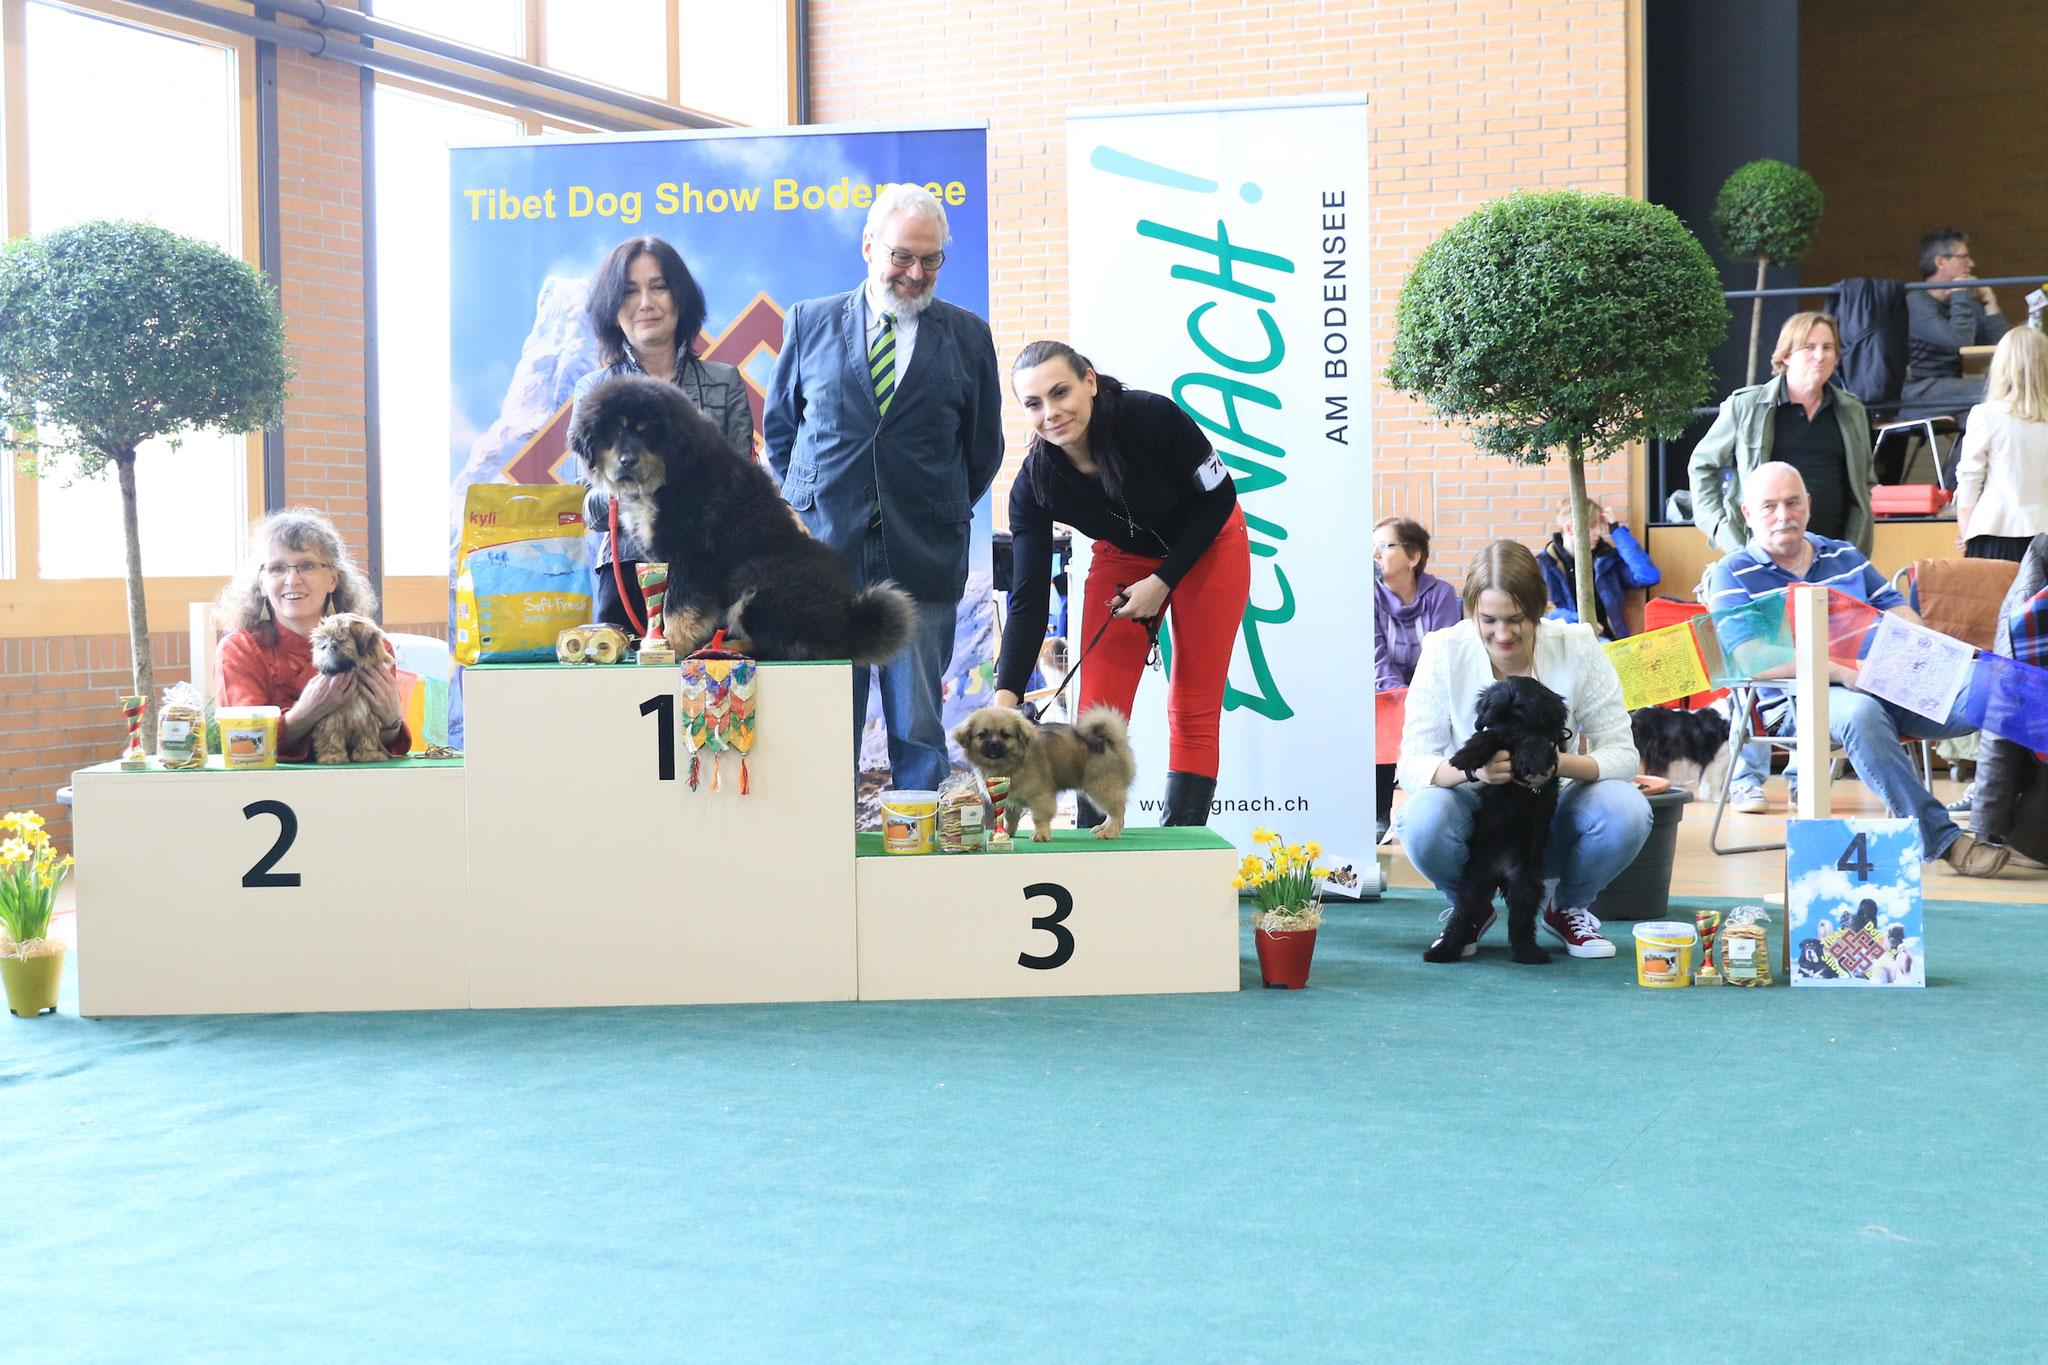 Bumo gewinnt im Ehrenring den 4.Platz bei den Welpen aller Rassen